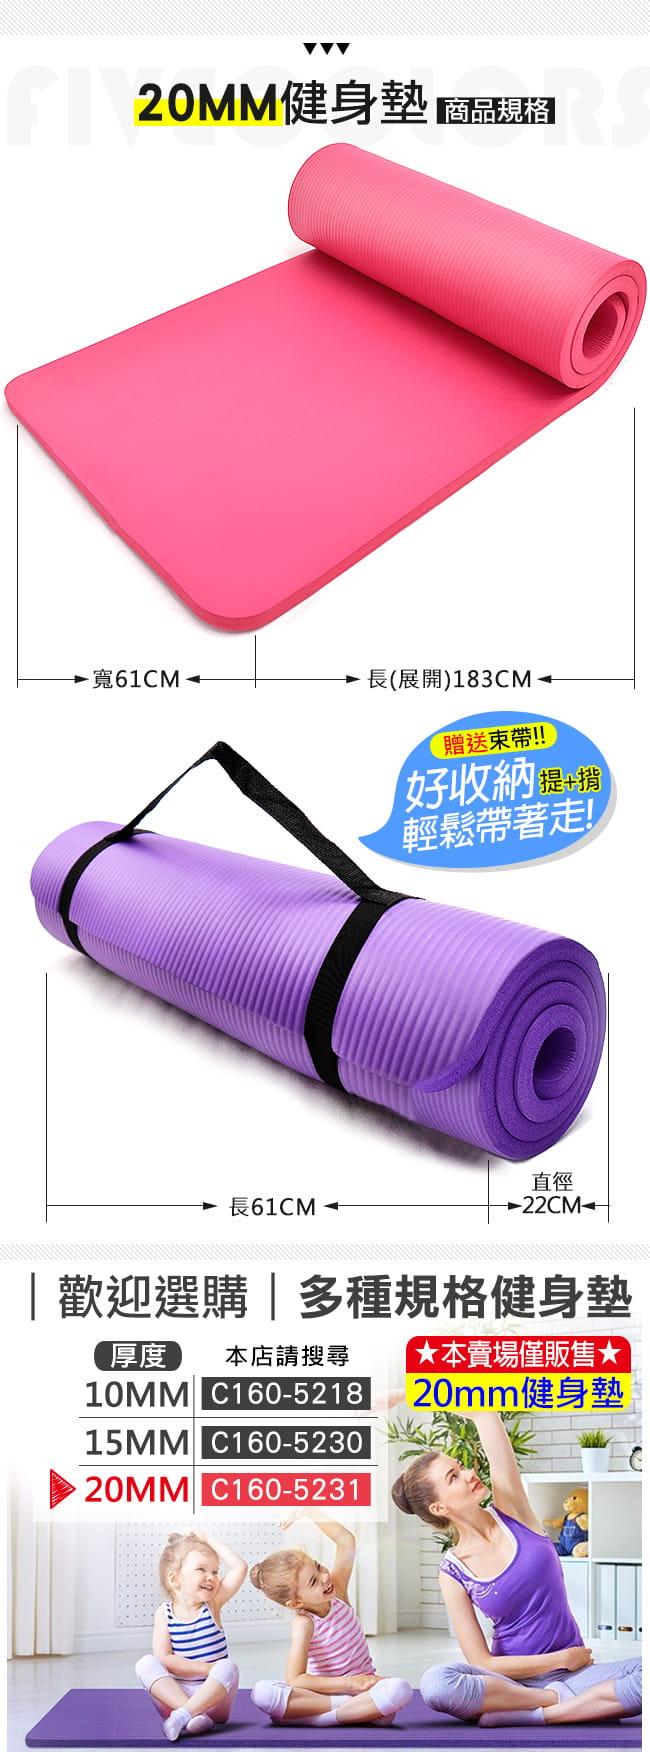 加厚20MM健身墊(送束帶) 瑜珈墊止滑墊防滑墊運動墊遊戲墊 9